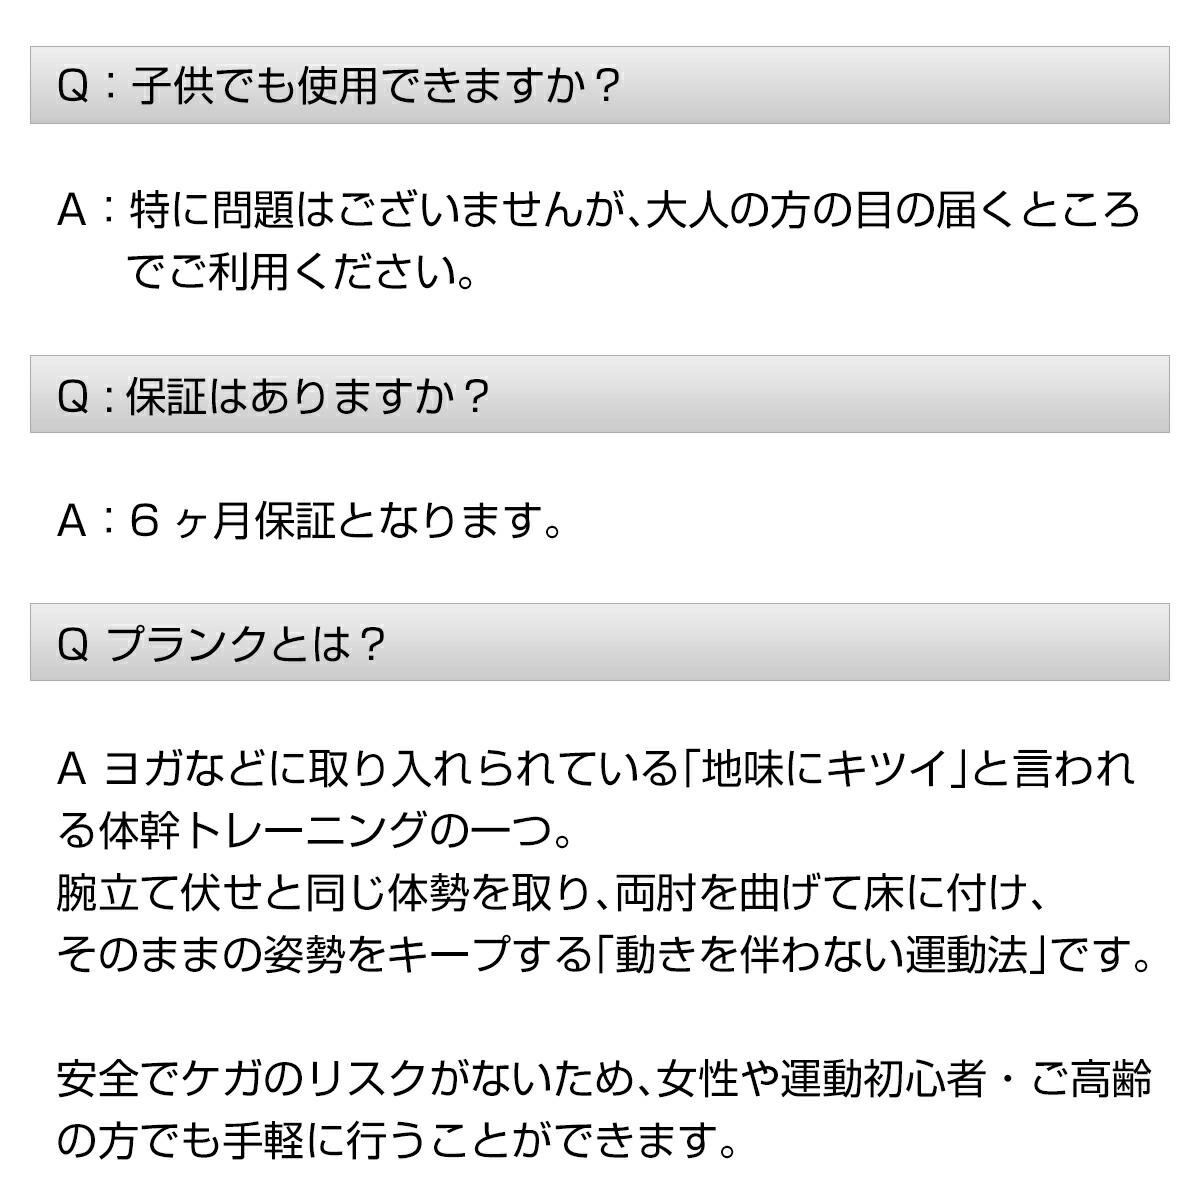 プランクローラーに良く頂く質問2